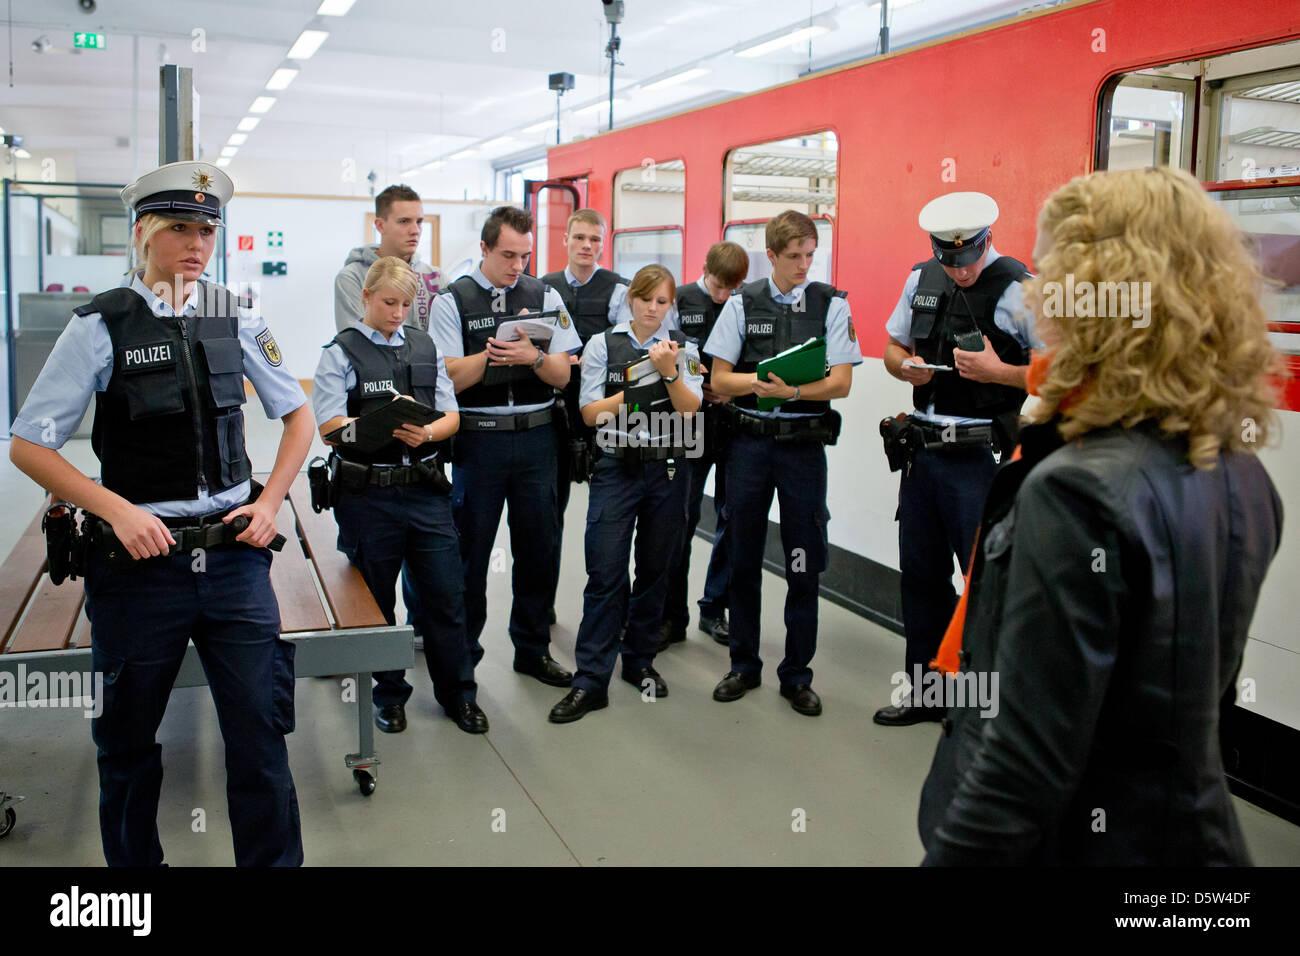 Polizei Weiterbildung